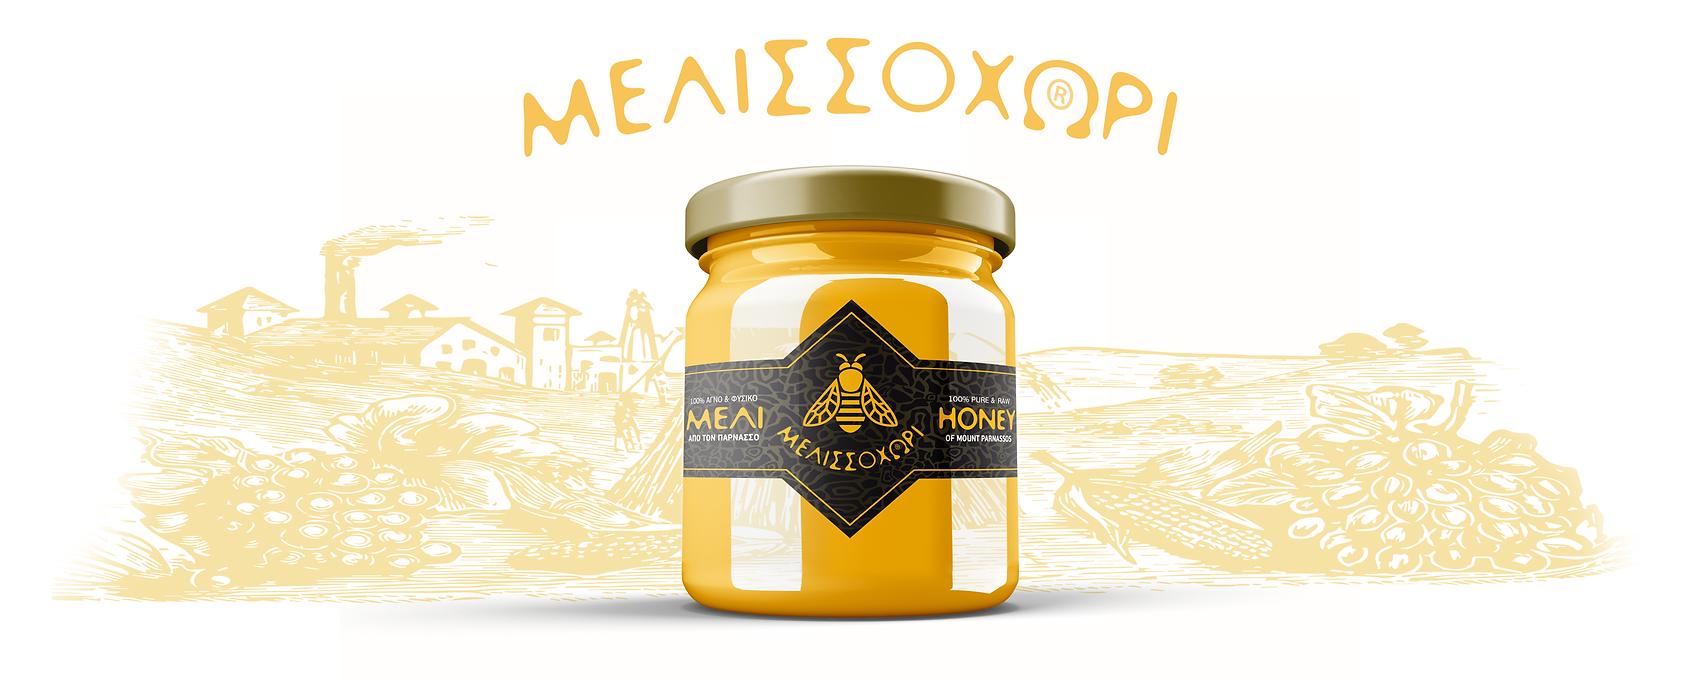 Melissoxori-04w.png